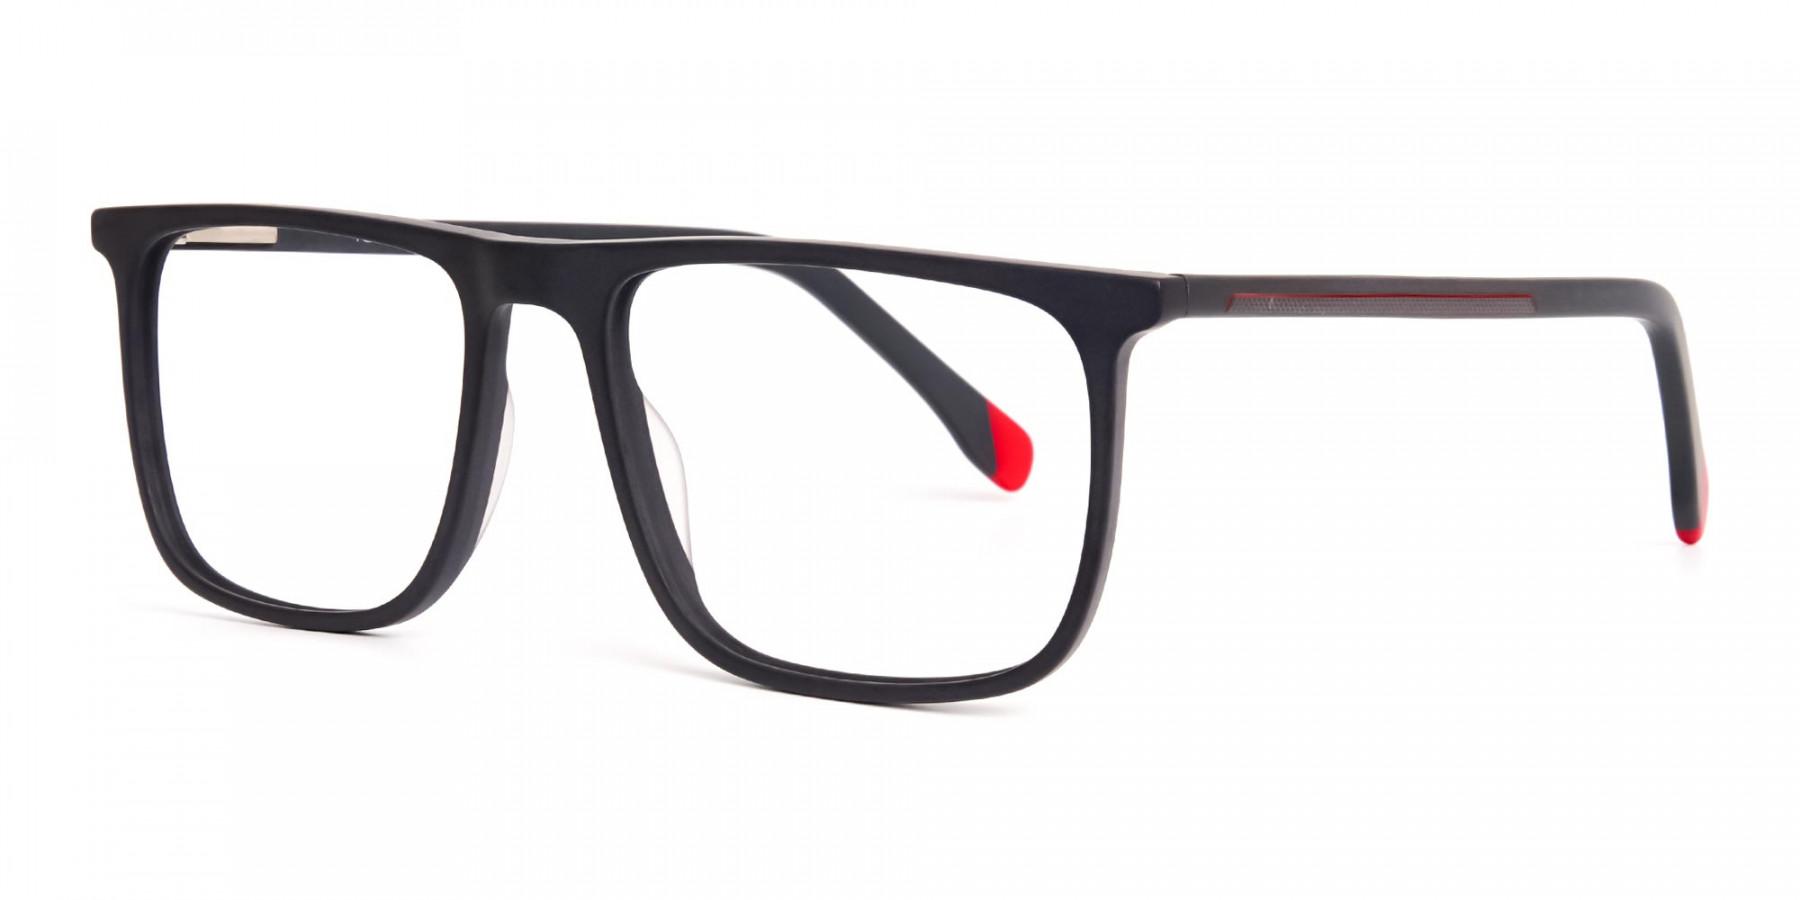 matte-grey-rectangular-glasses-frames-1